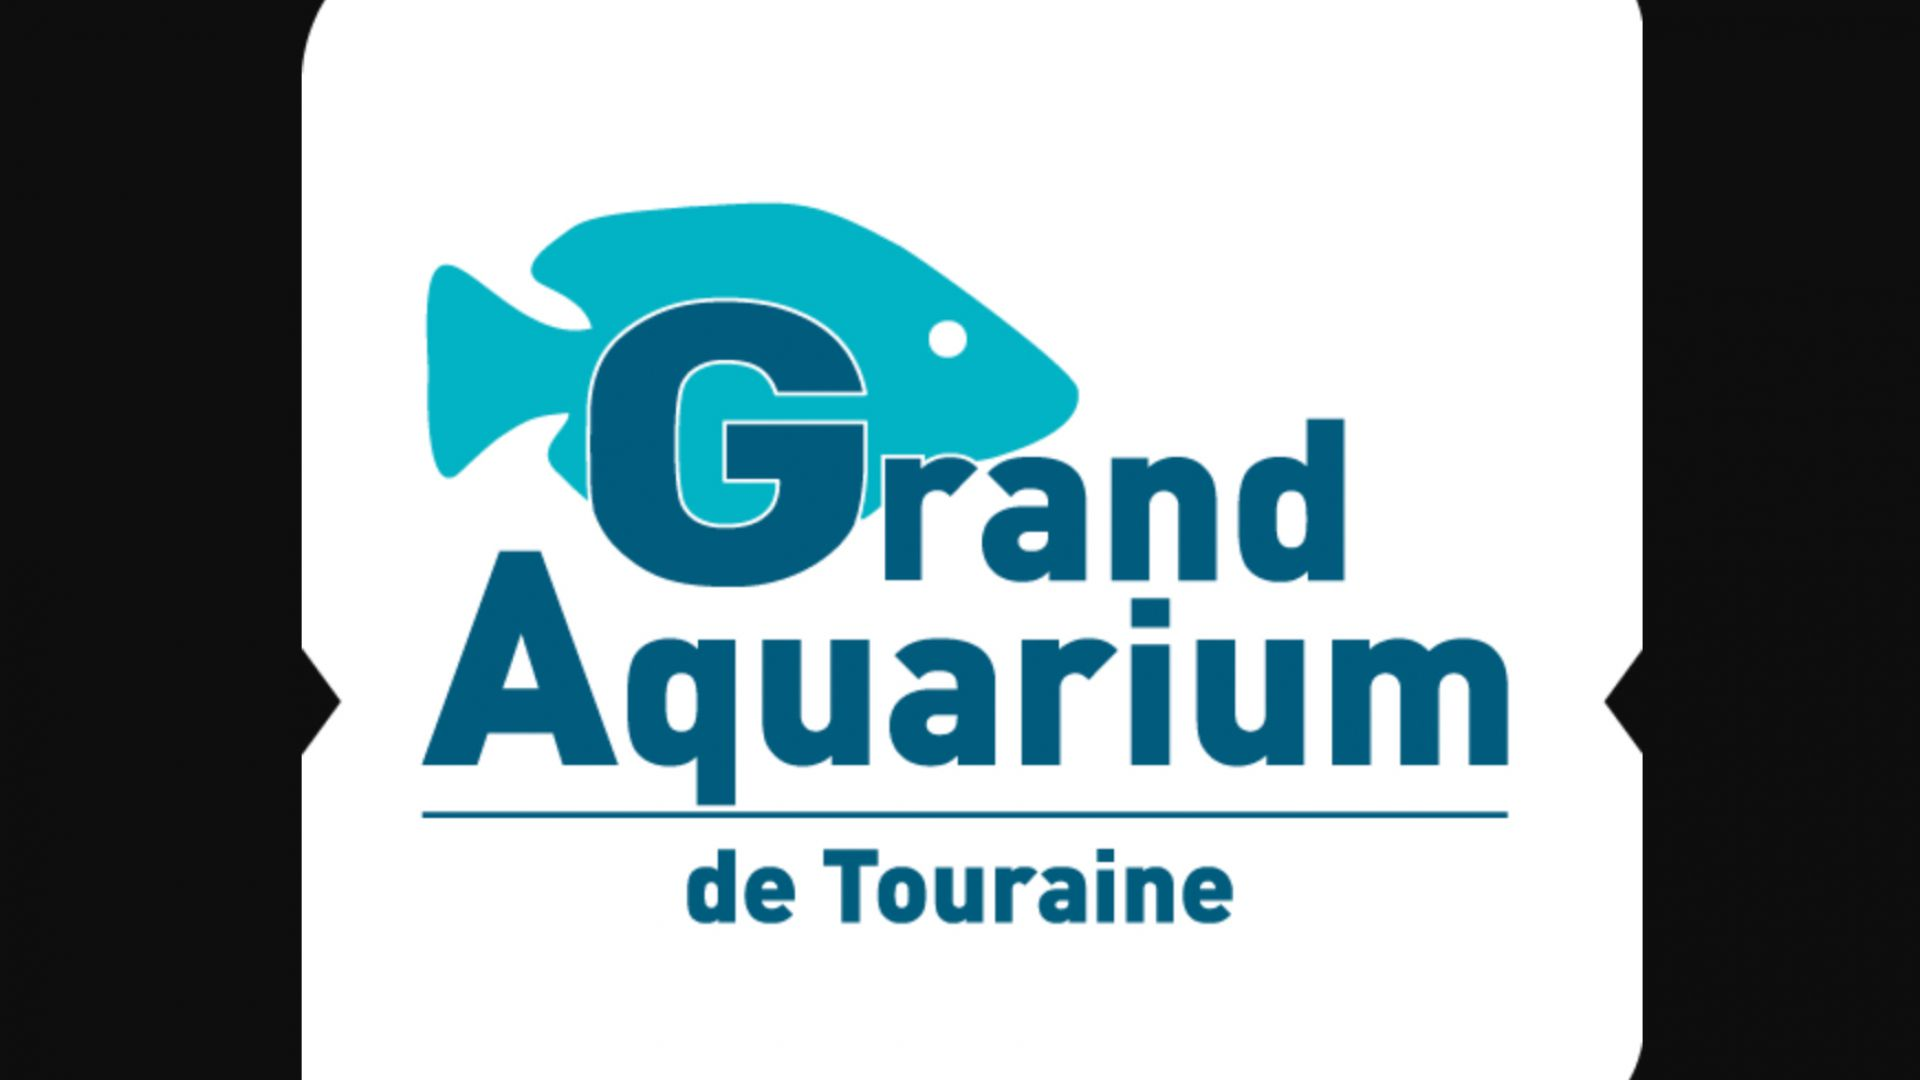 grand site de rencontres de poissons site de rencontres sans-abri